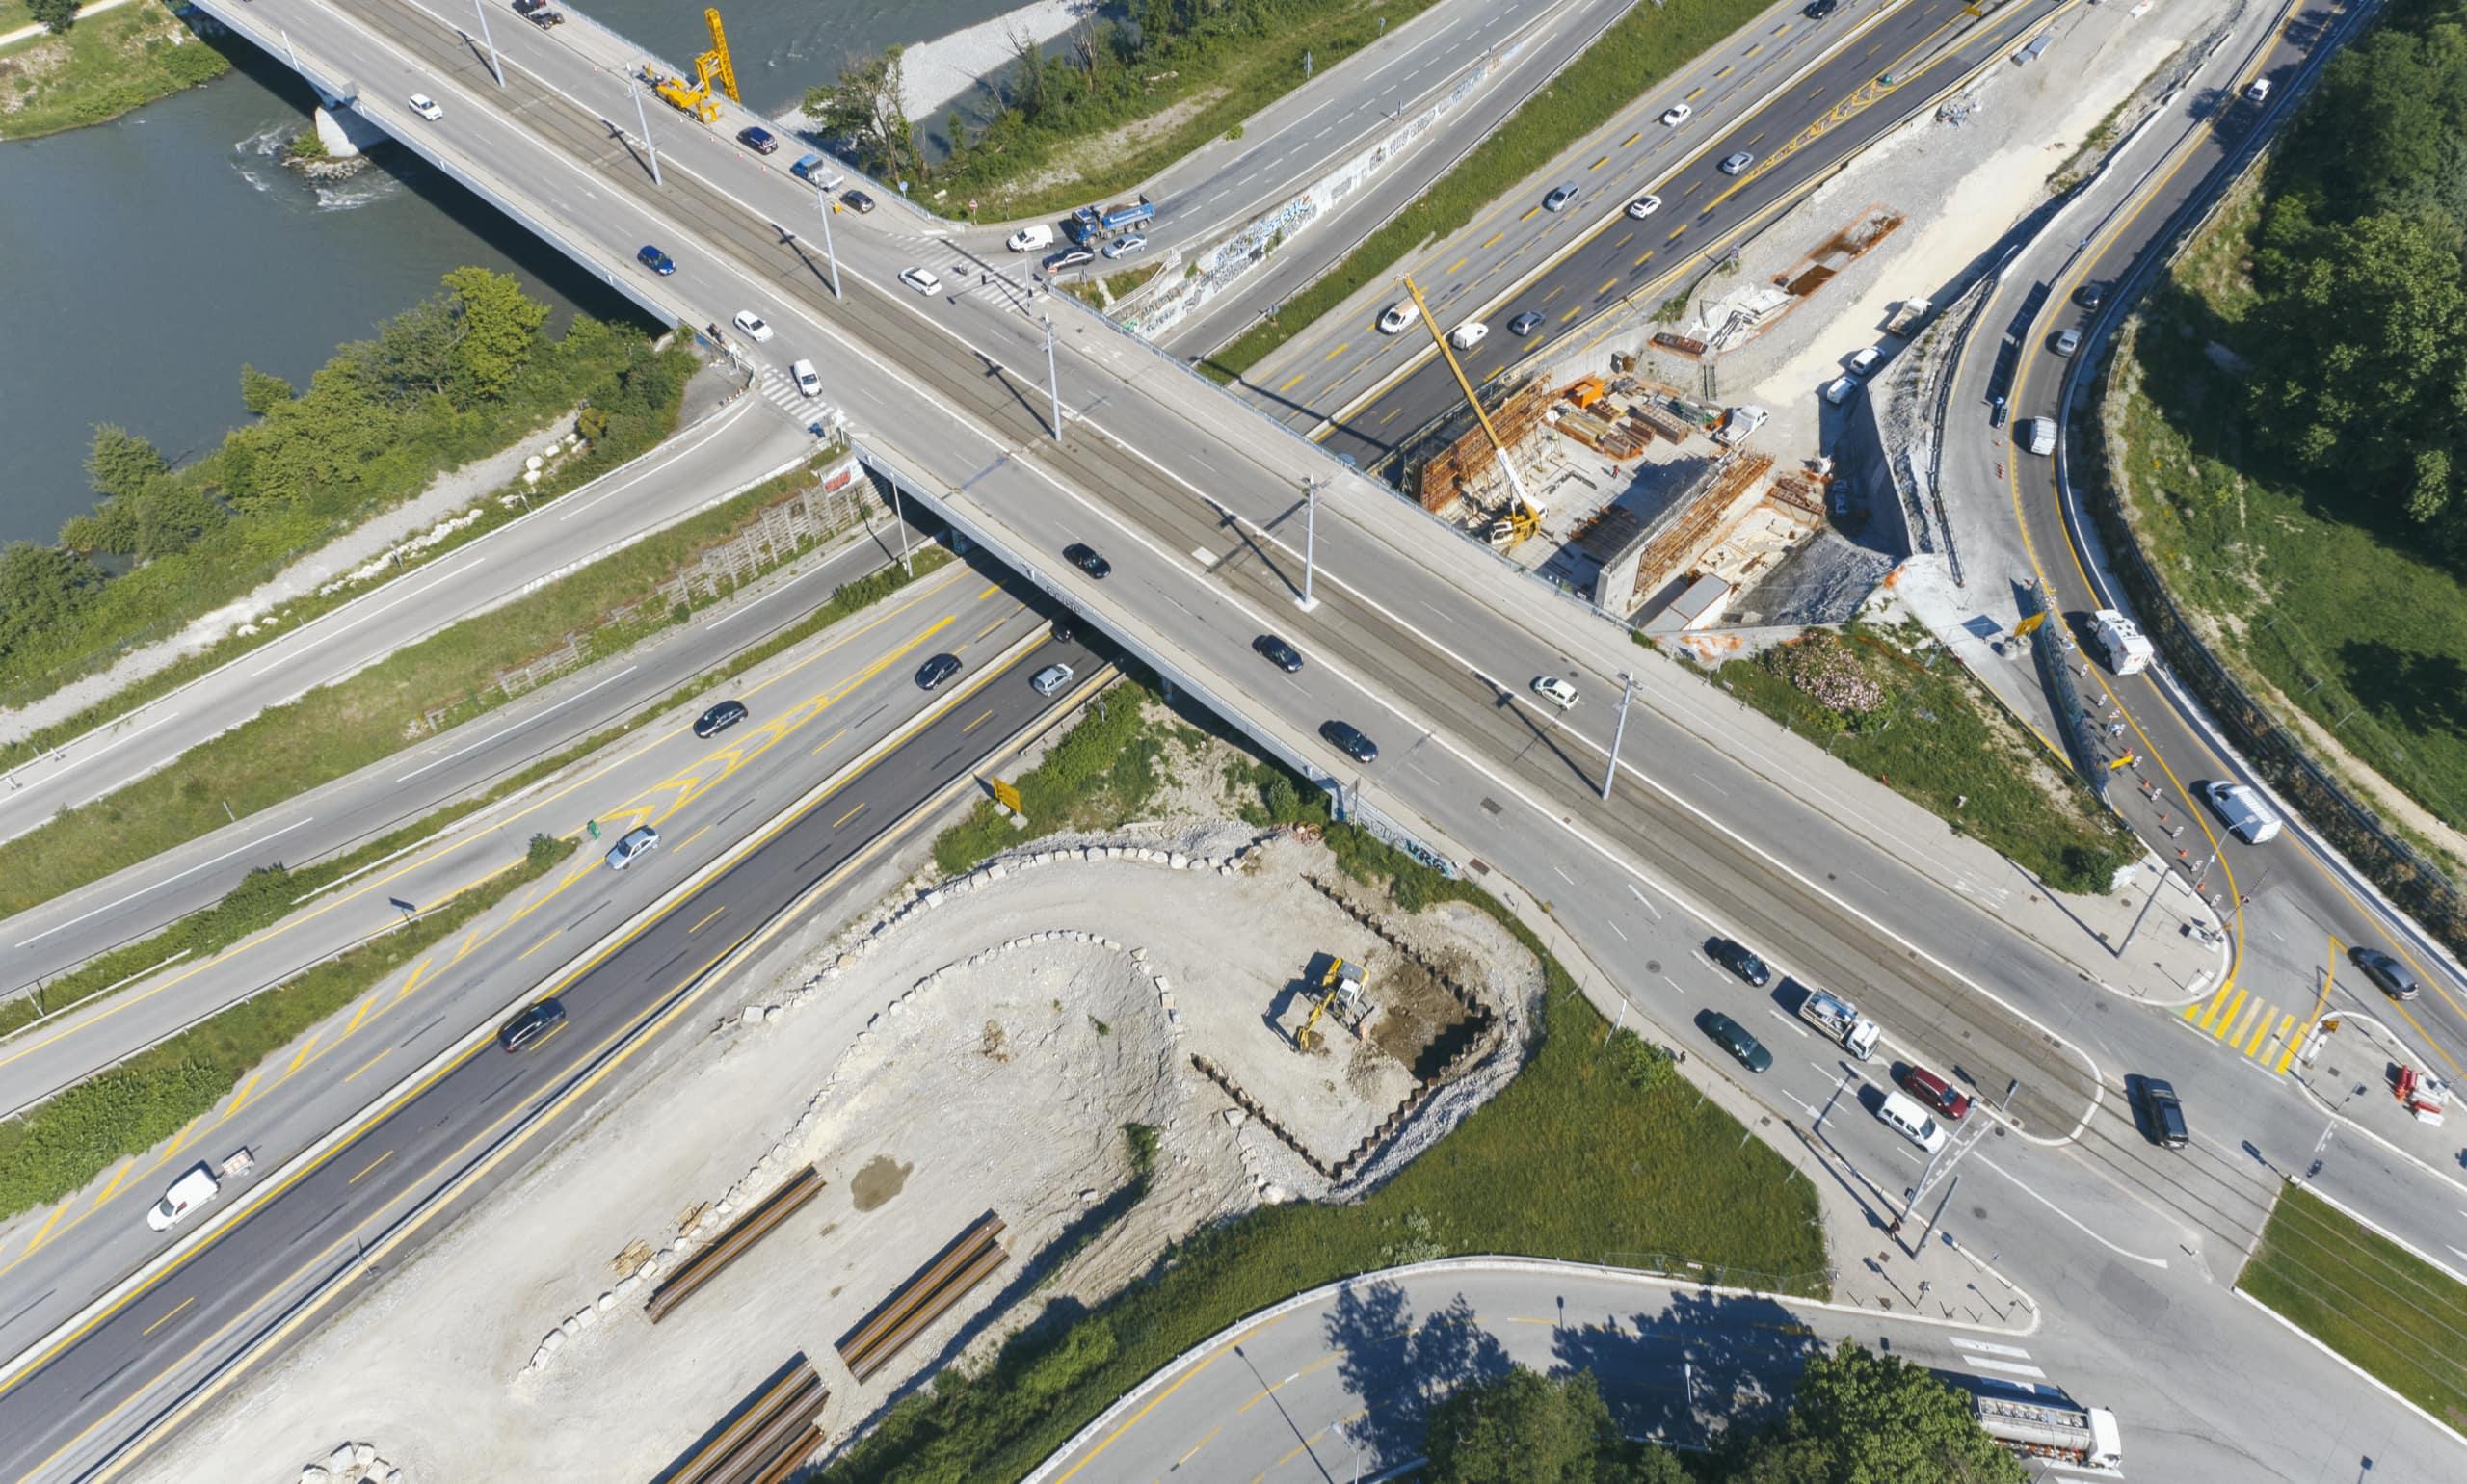 Au pont de Catane, vue des bretelles d'entrée et de sortie de l'échangeur de l'A480 à Grenoble